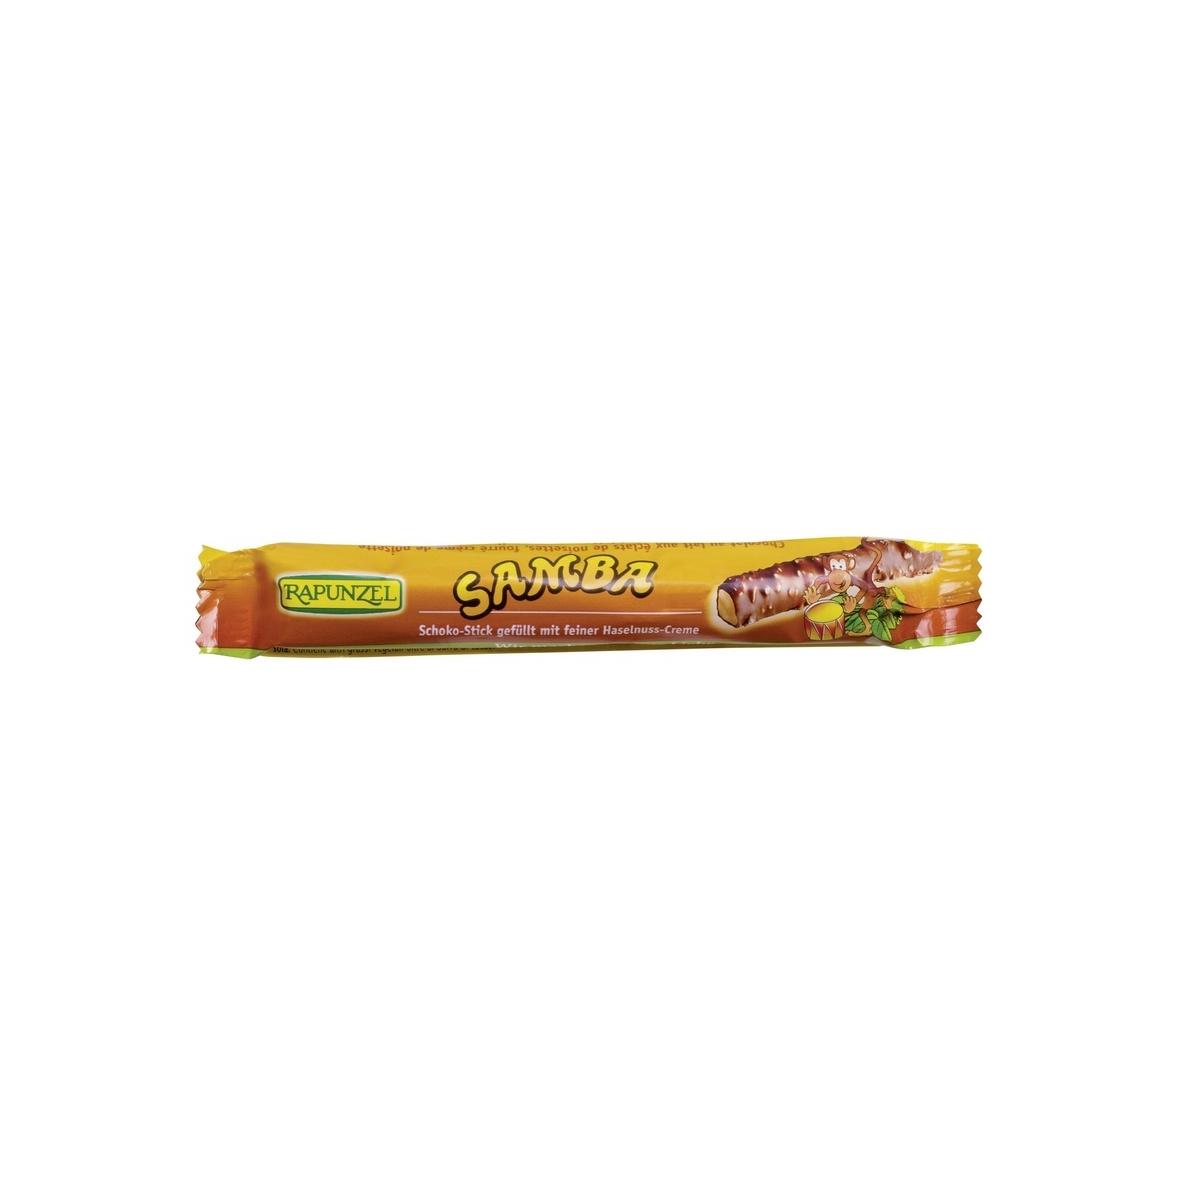 Samba Stick Stück 22 g - Rapunzel